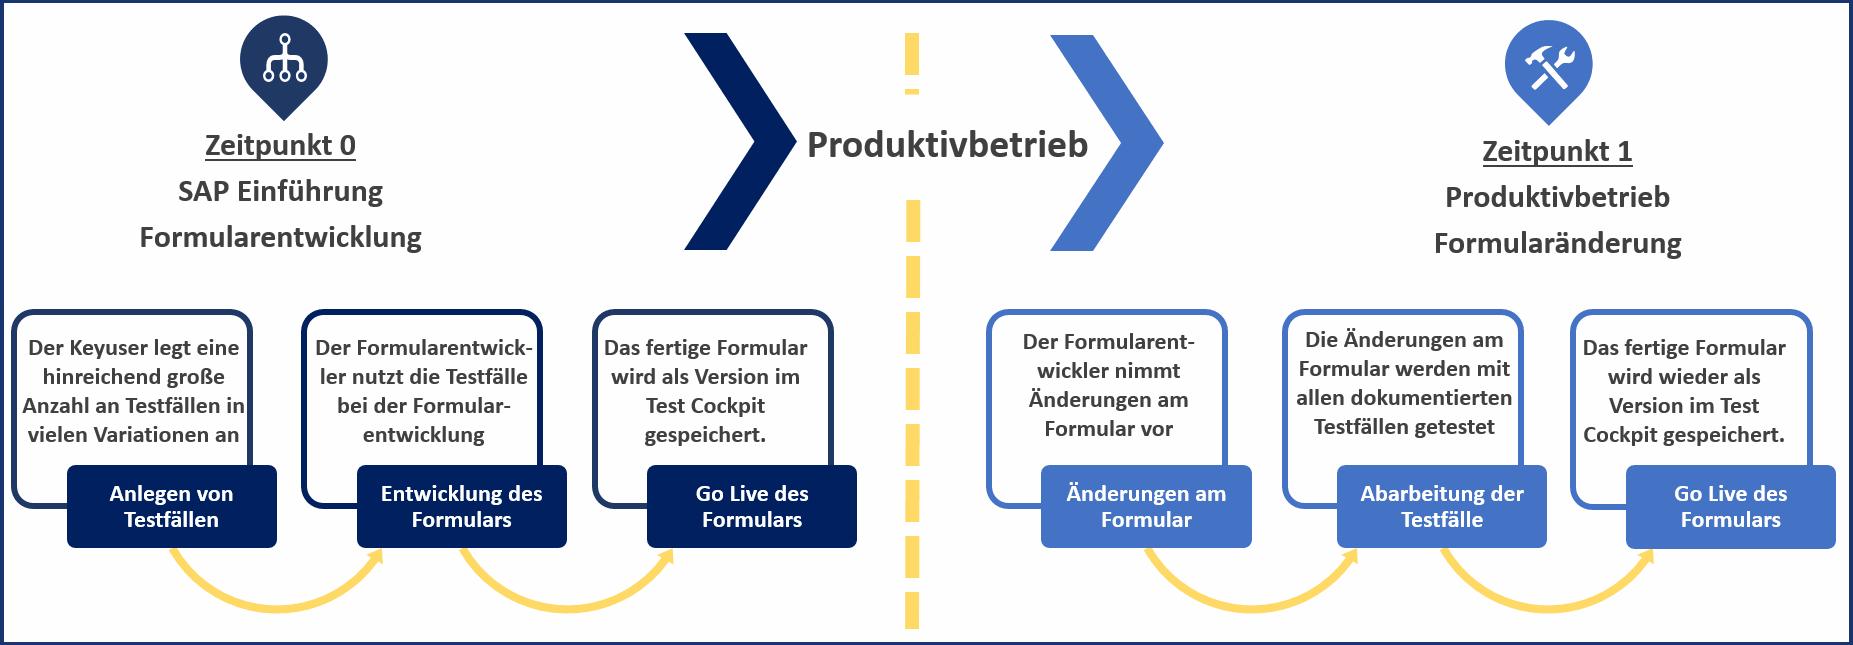 Unterstützung des Testplans mit dem Testcockpit für SAP Interactive Forms by Adobe